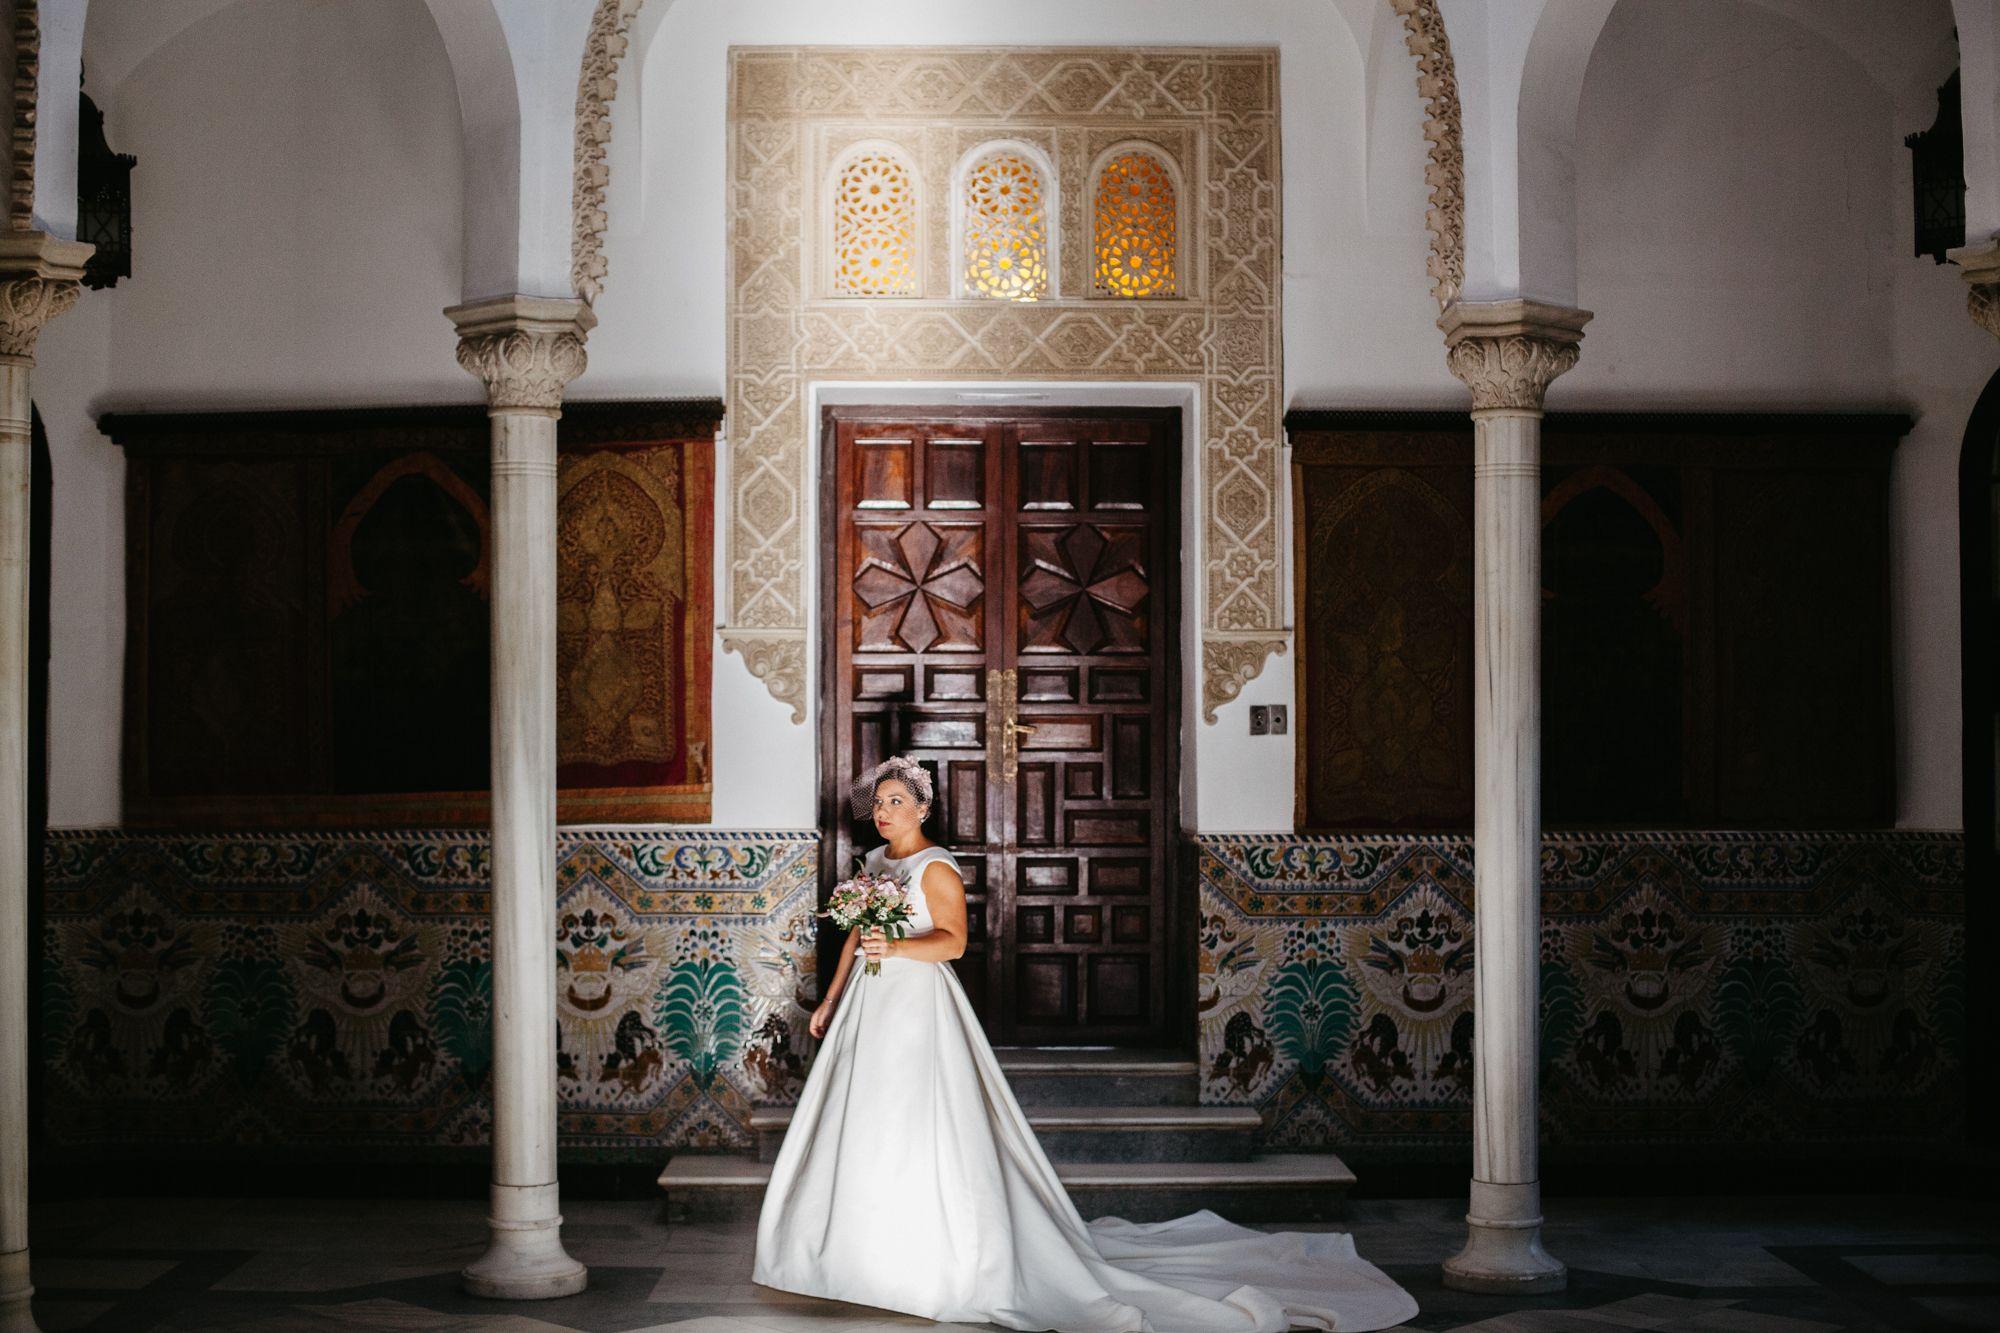 La boda de Amanda y Jorge en Villa Luisa 14